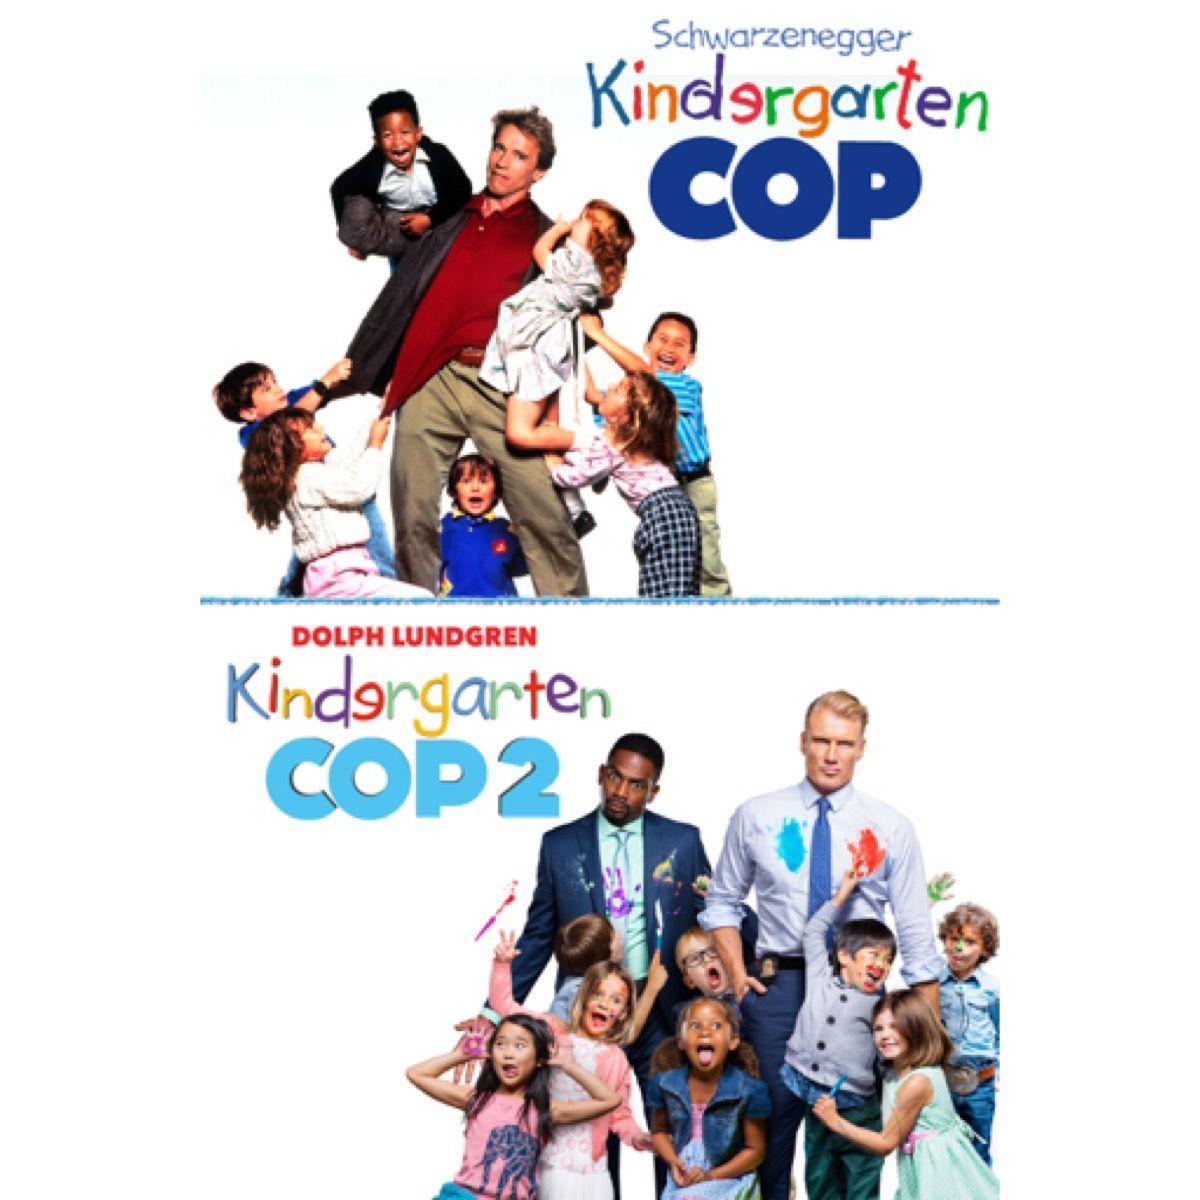 Kindergarten Cop Double Feature 67 Off 9 99 Comedy